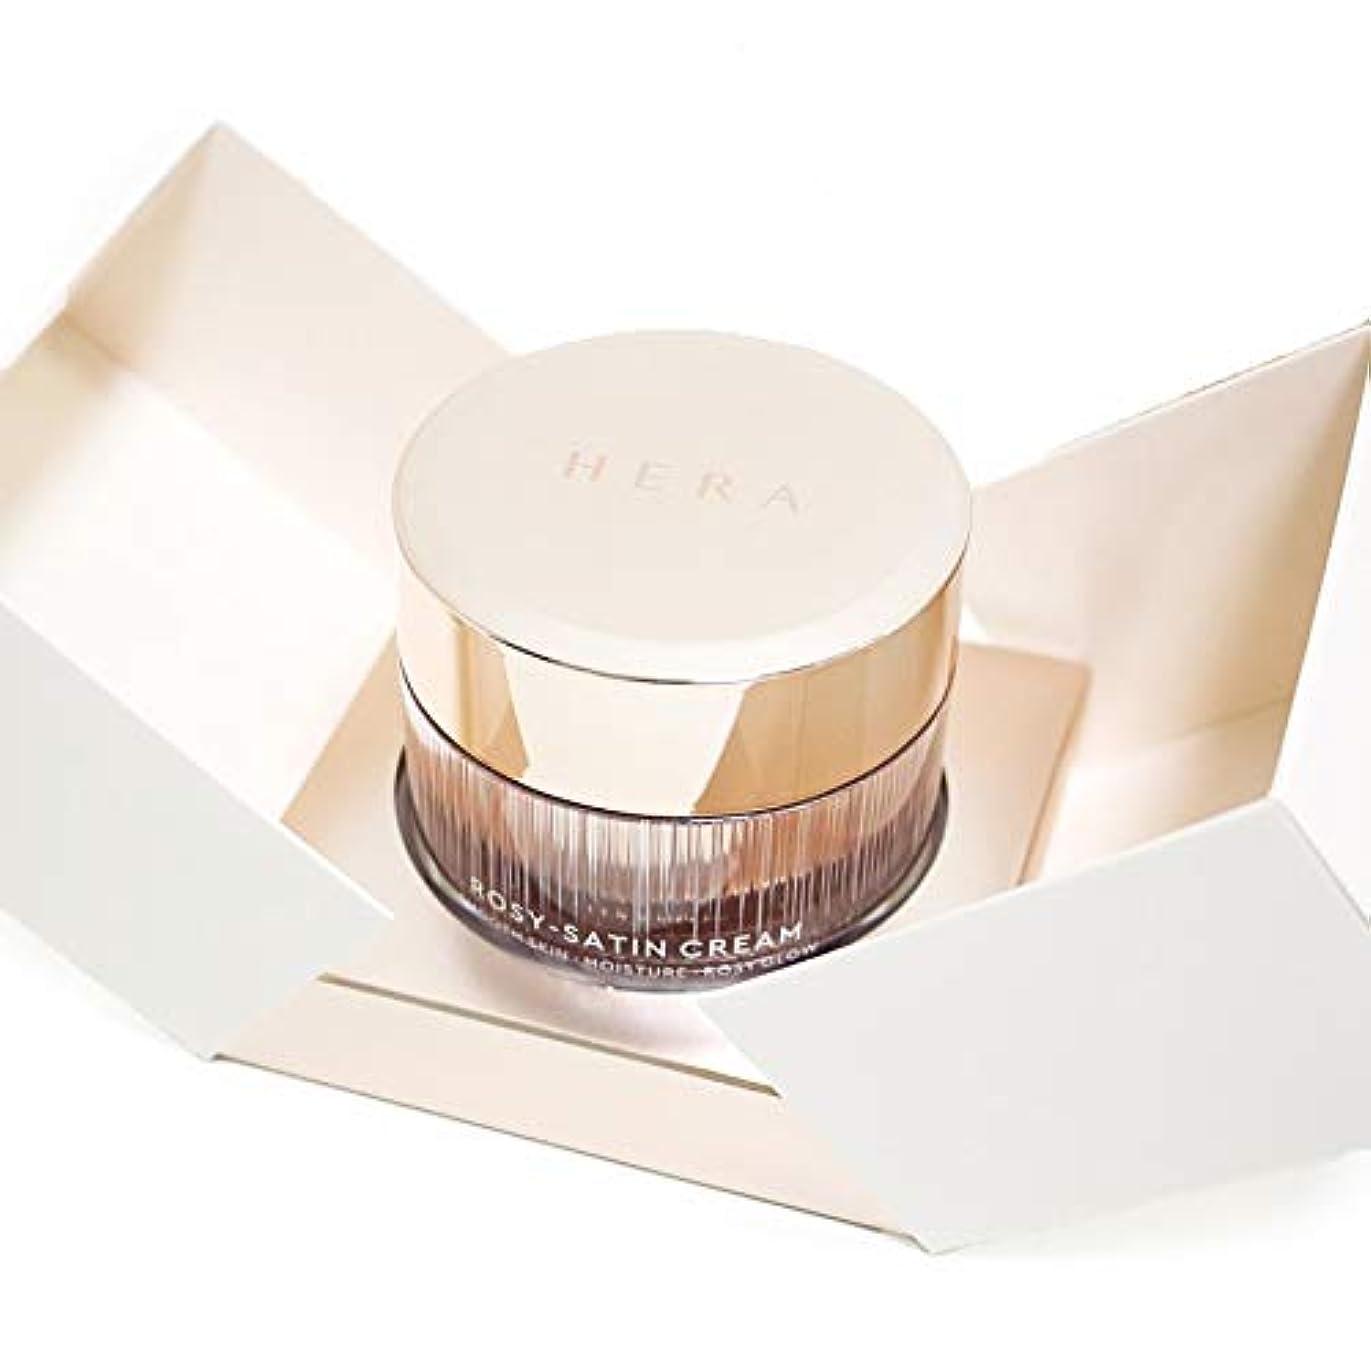 応援する病な細断[ヘラ HERA] 新発売 ロージーサテンクリーム50ML Rosy-Satin Cream 50ml  海外直送品